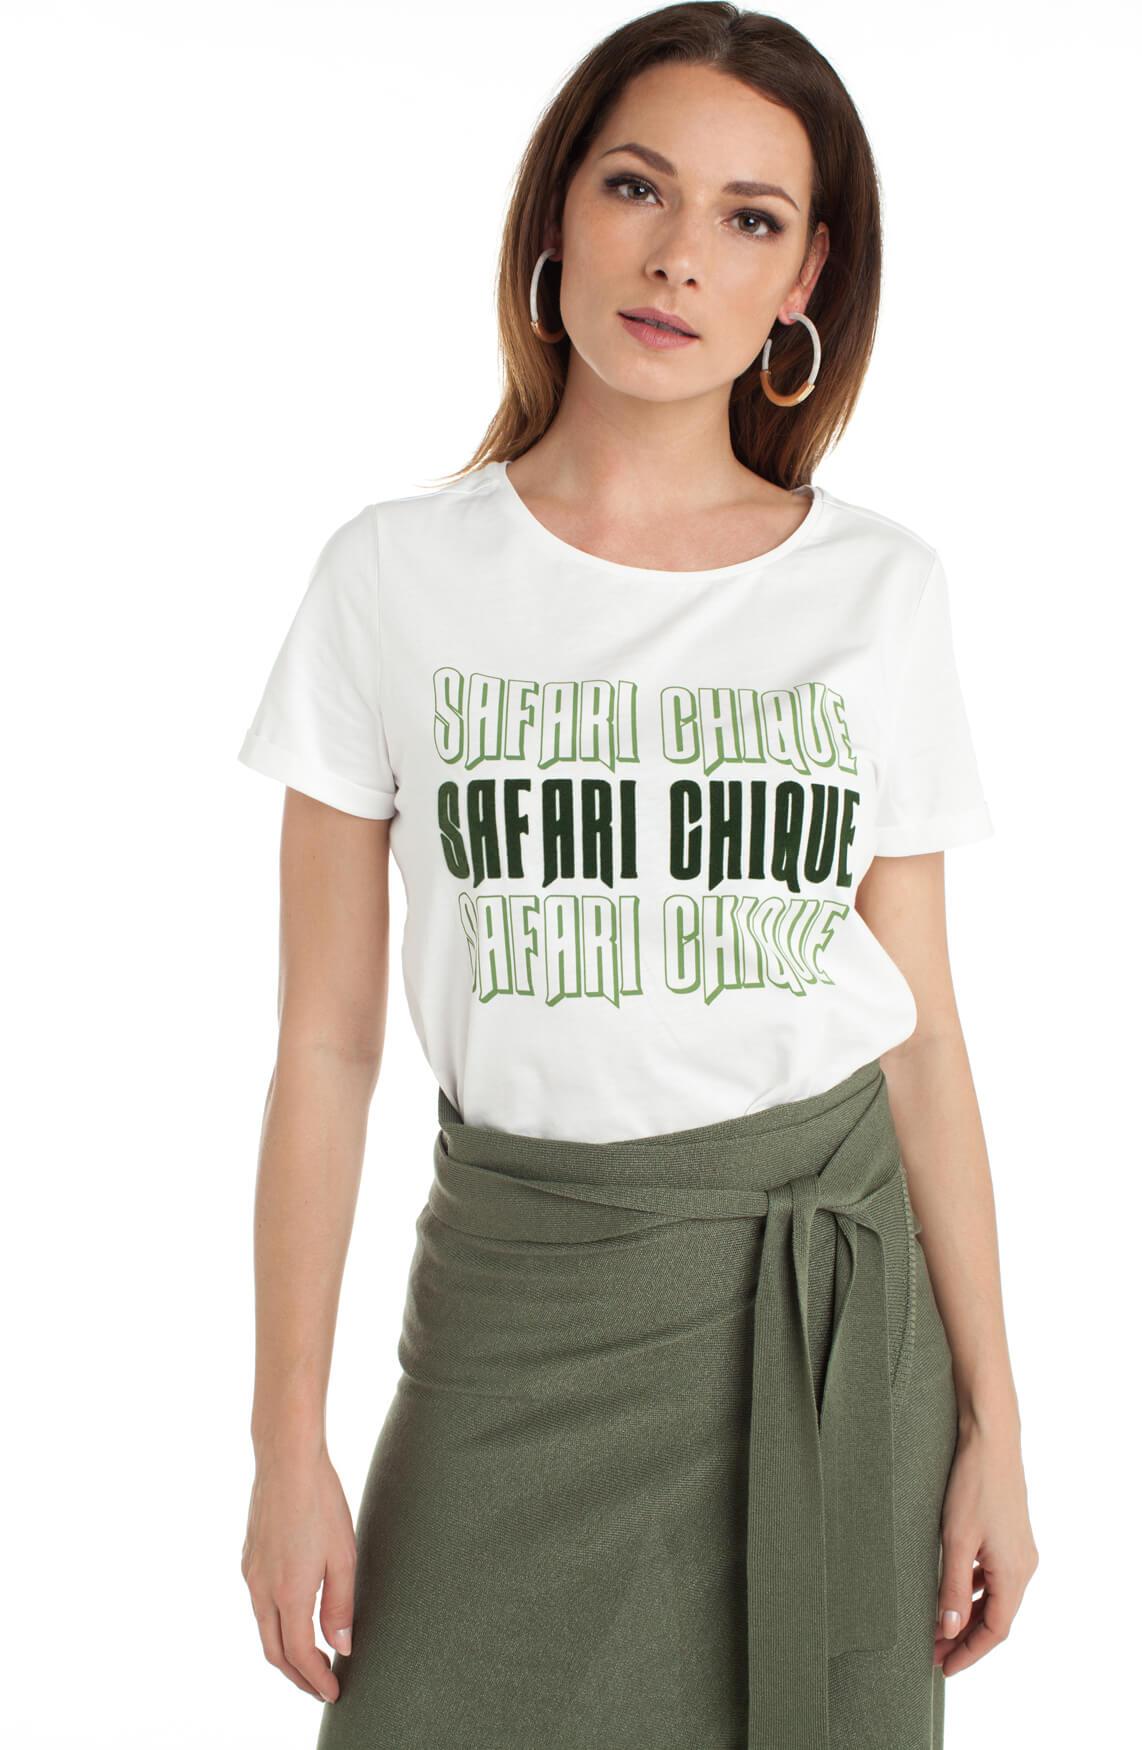 Anna Dames Shirt met tekstprint wit